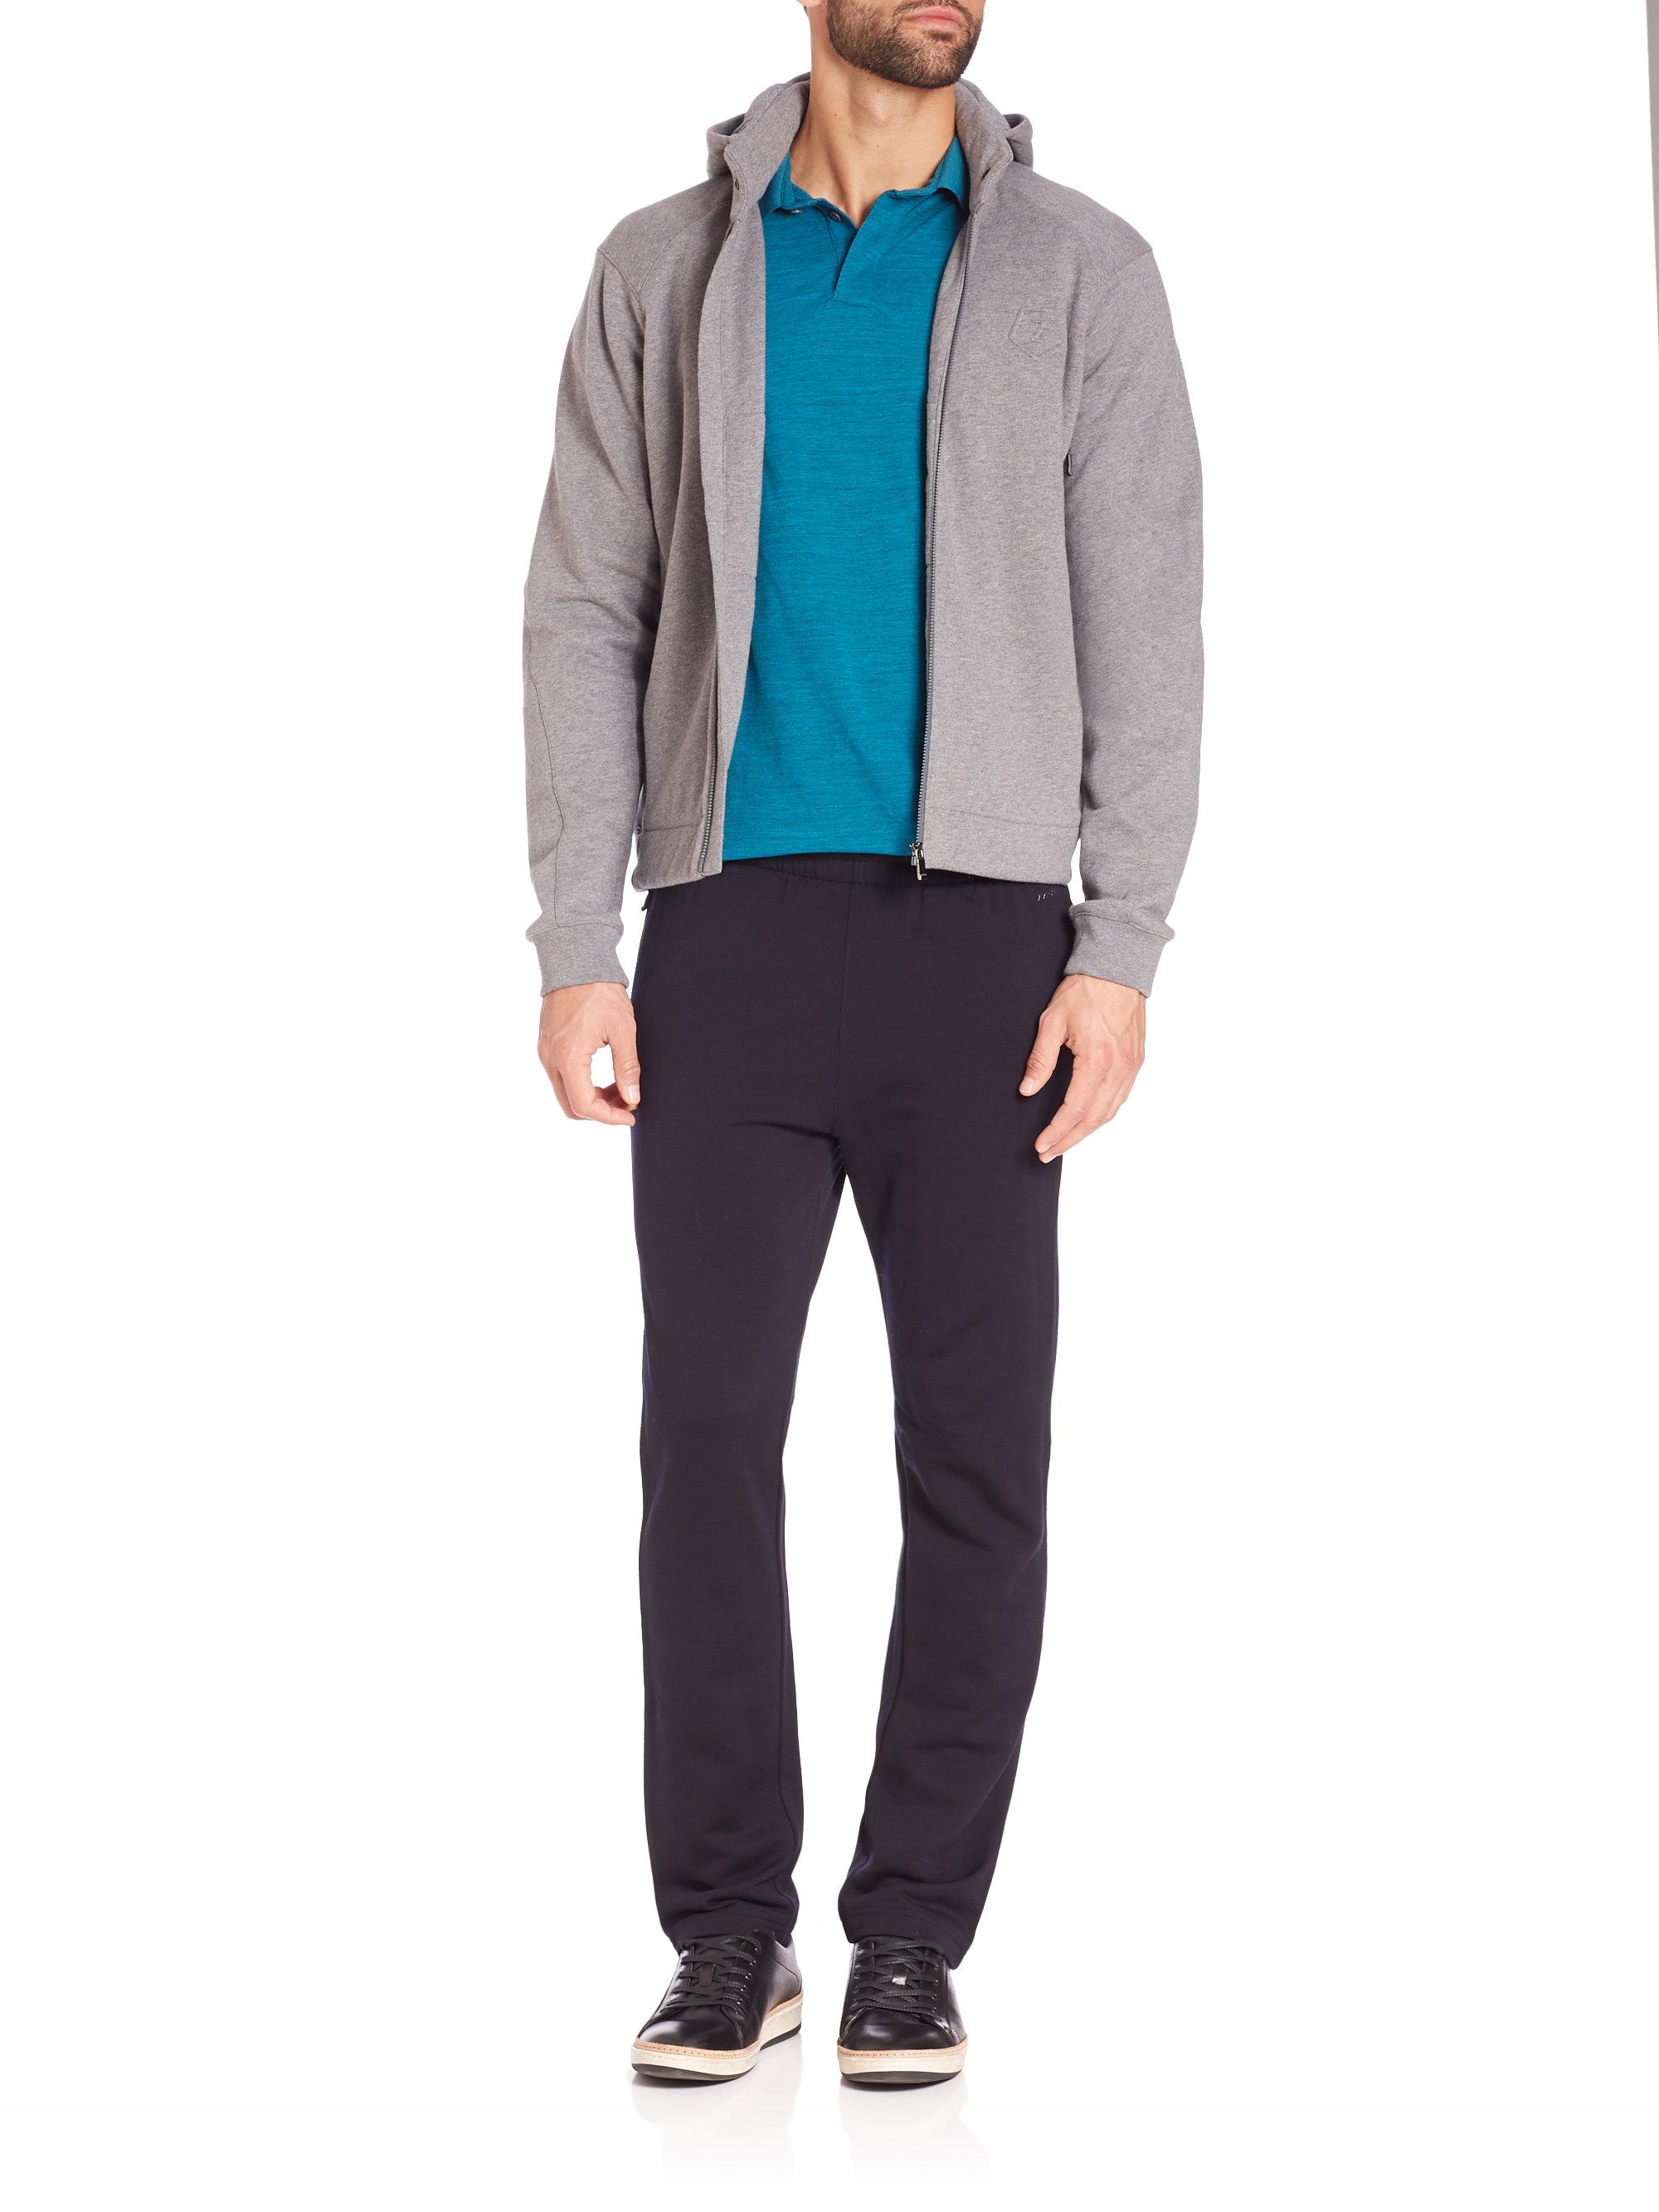 Lyst Z Zegna Travel Sweatshirt In Gray For Men